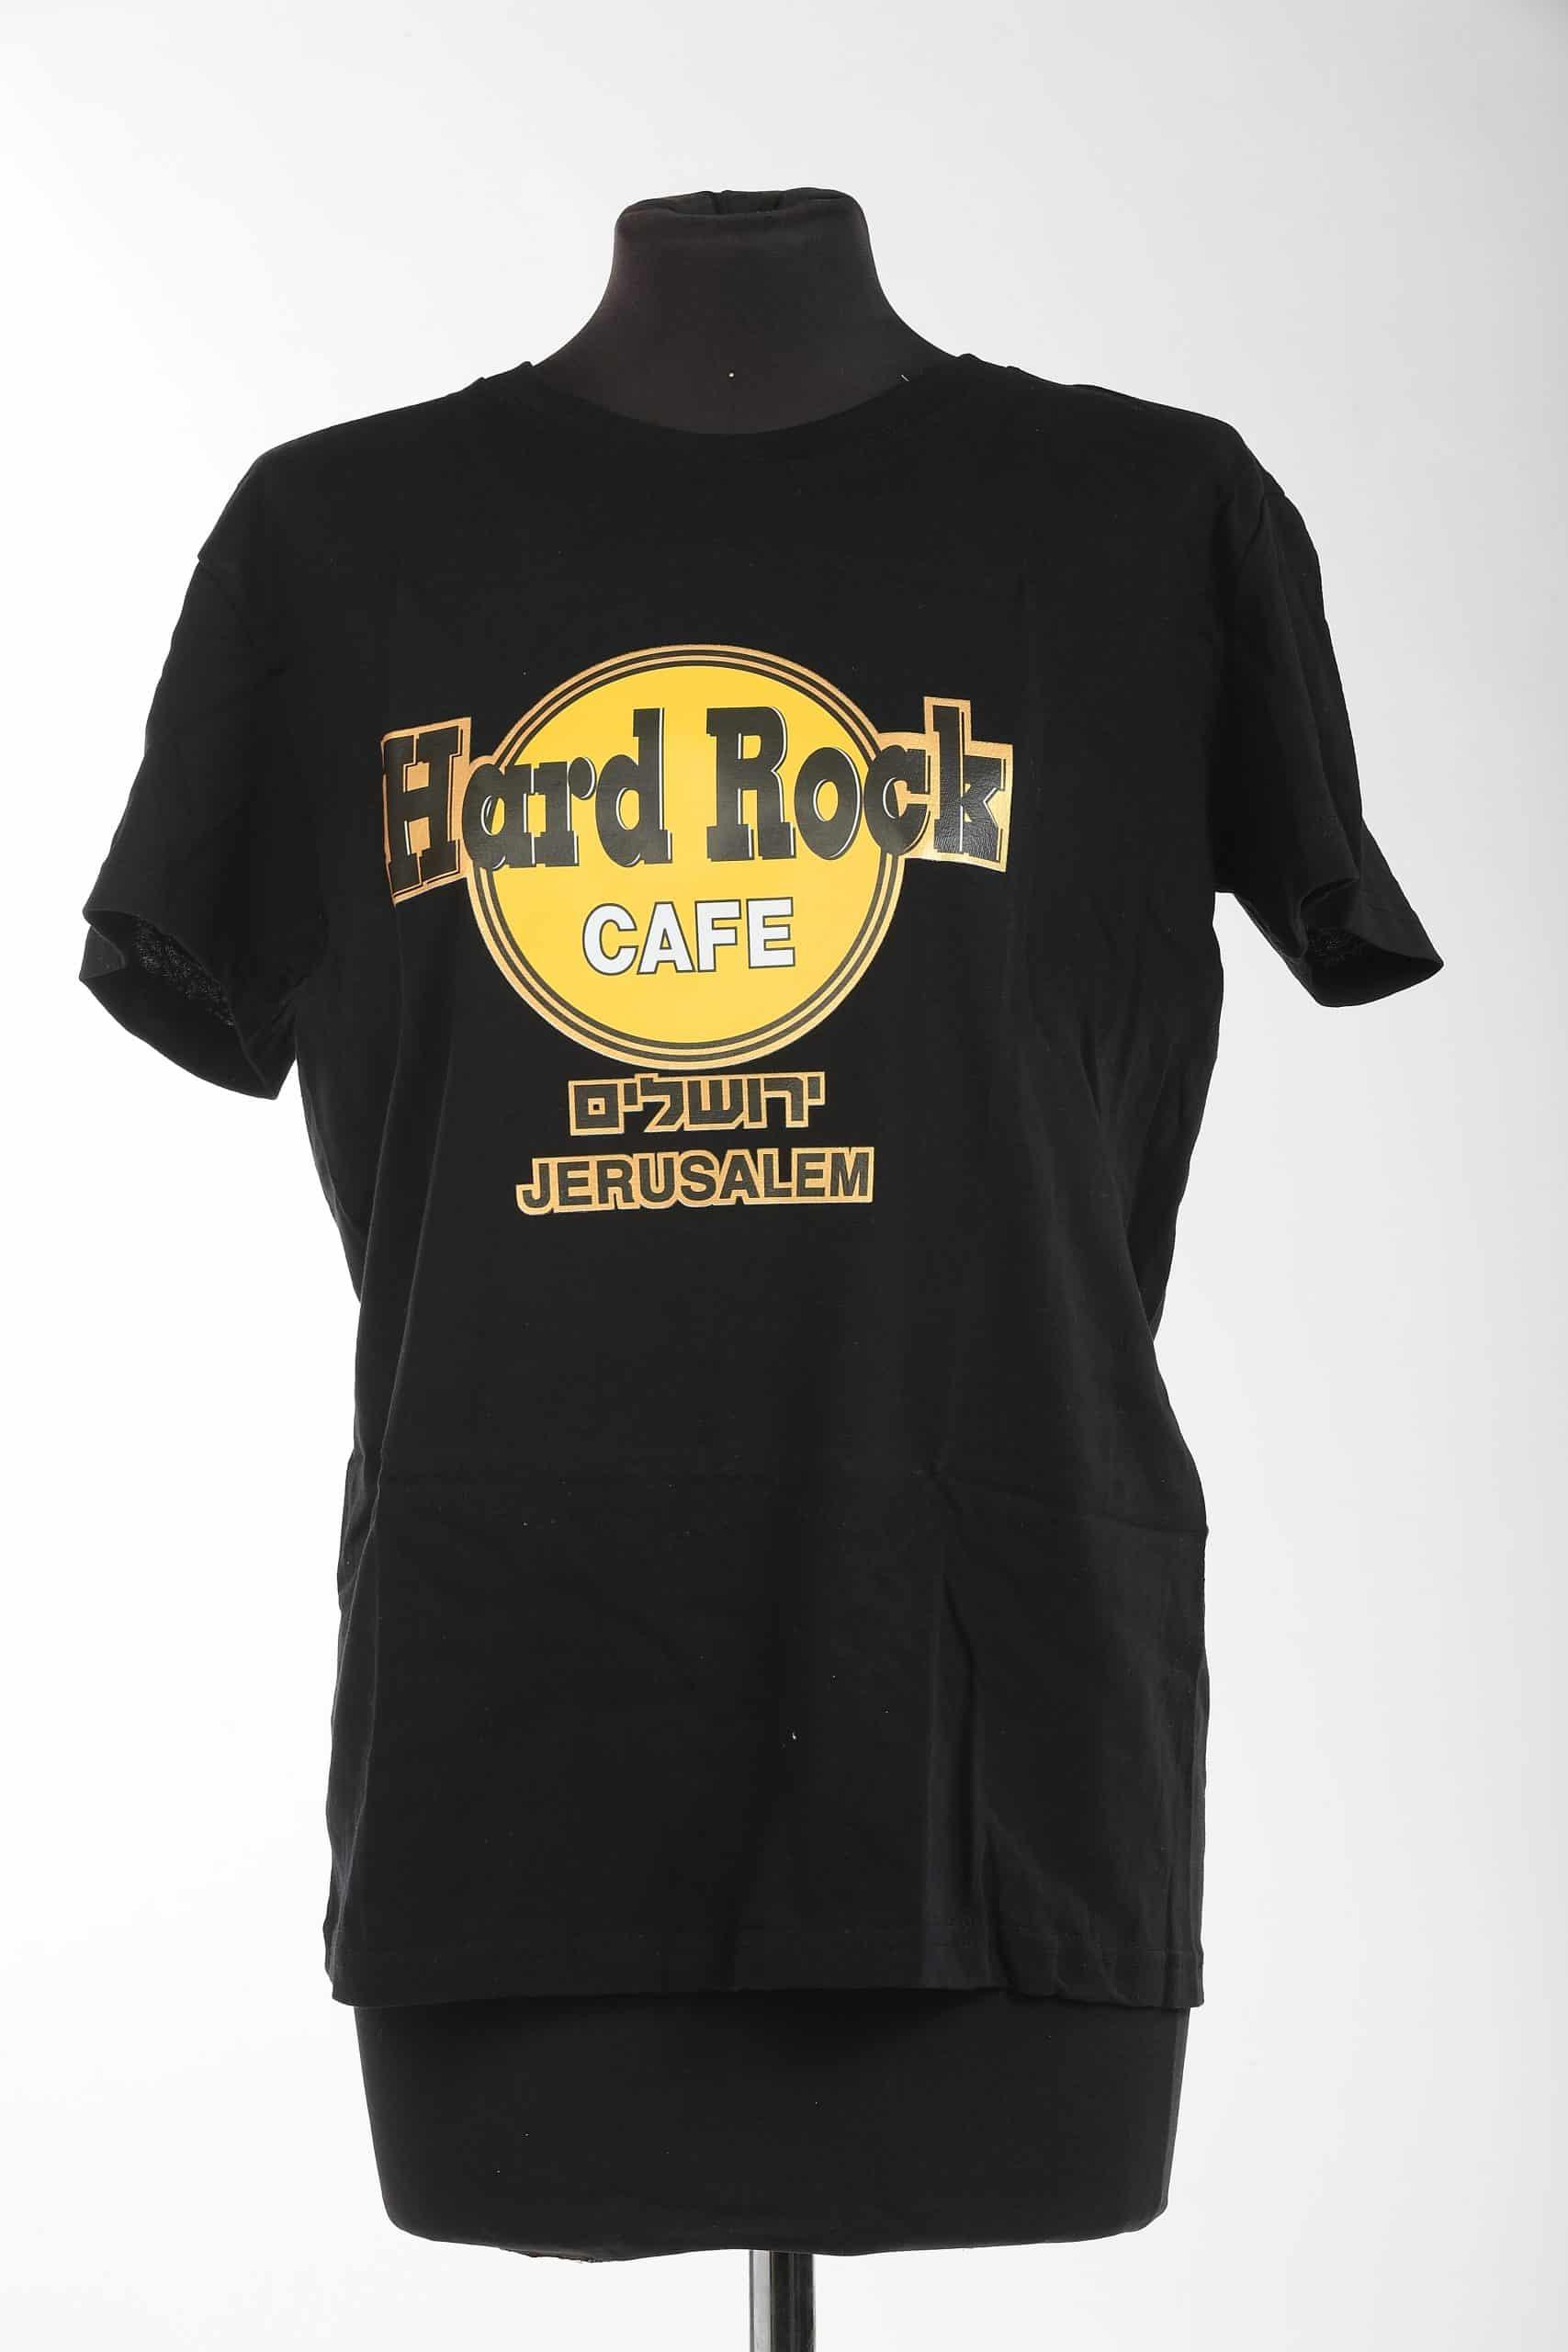 Holy Land T Shirts - Hard Rock Cafe Jerusalem (S-XXL)